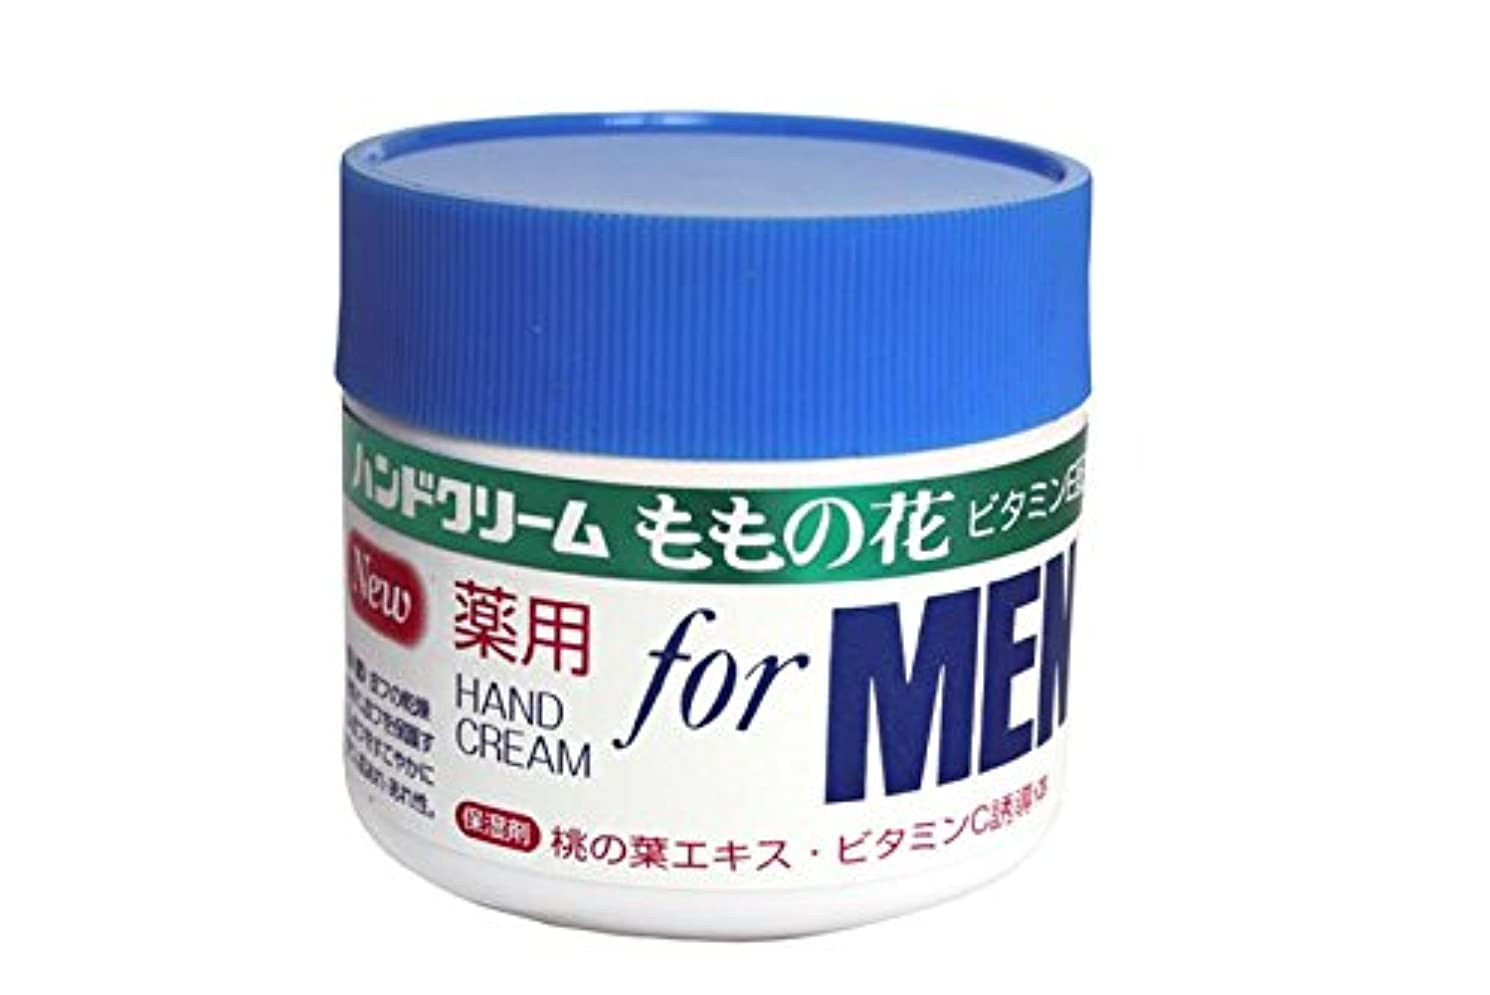 飢解明するレインコートももの花 薬用 ハンドクリーム for MEN 70g